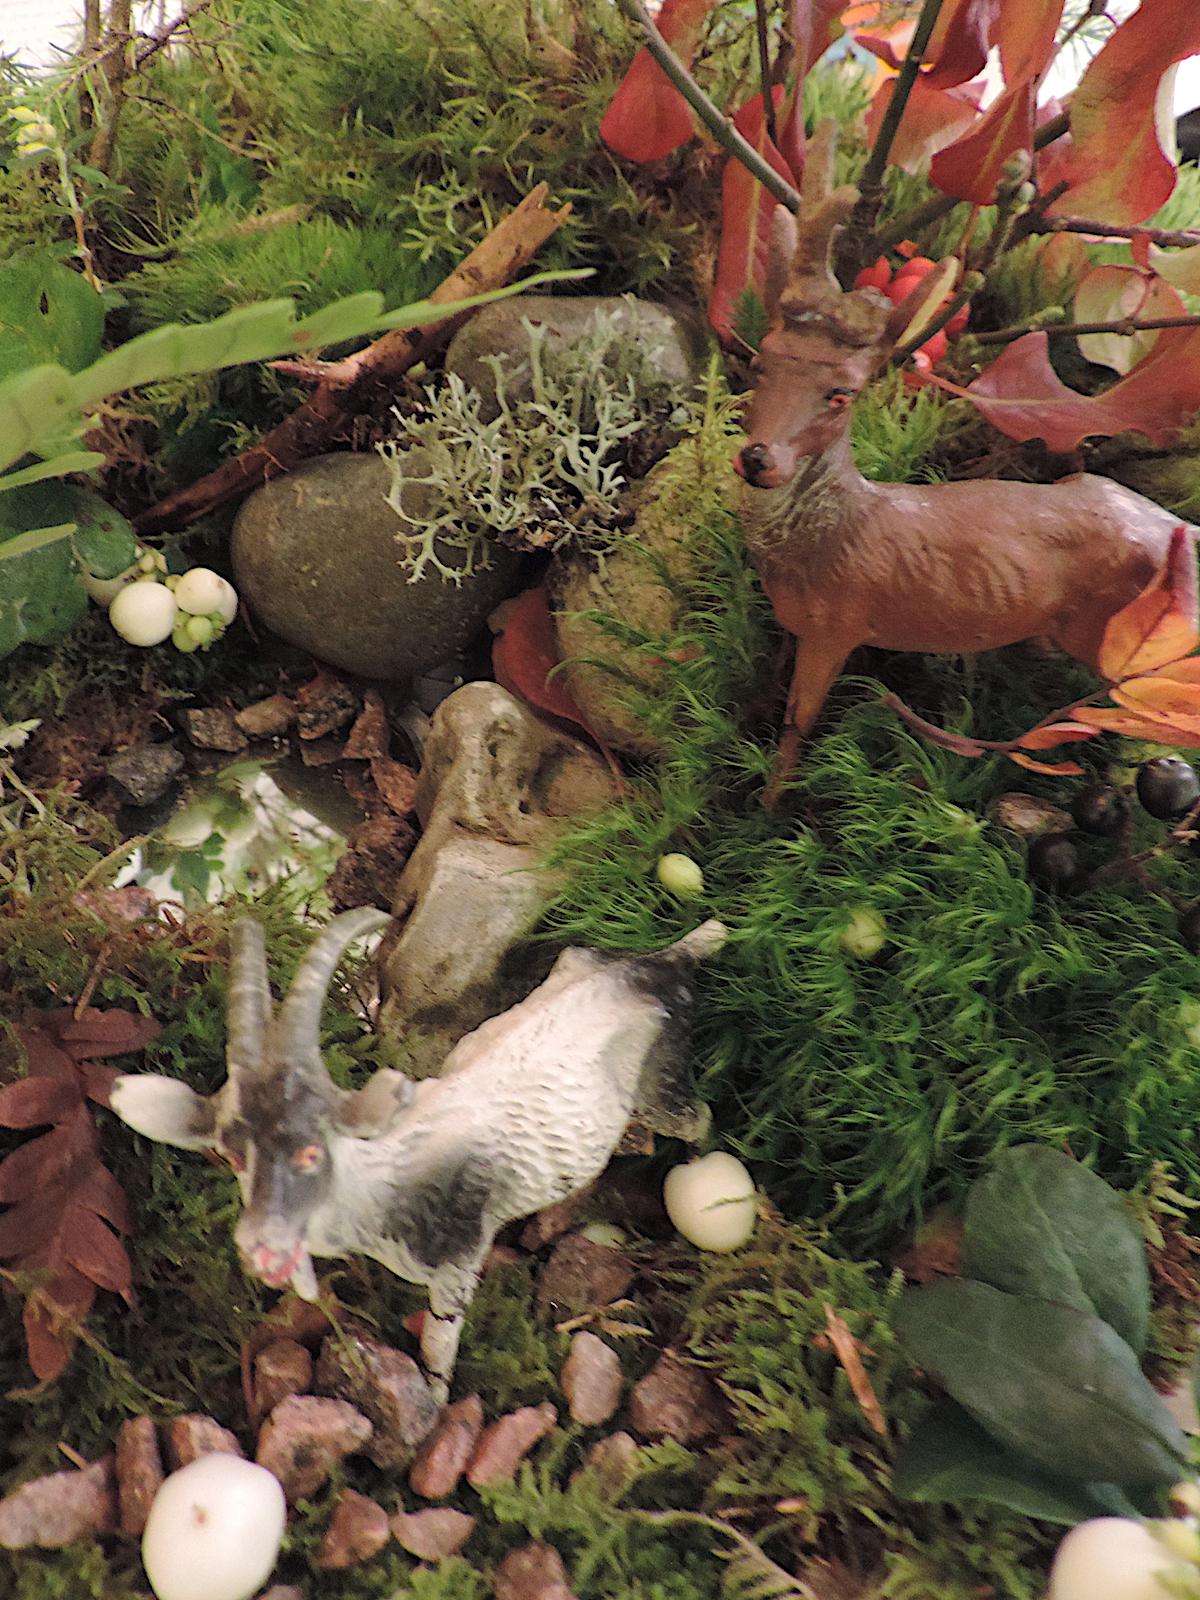 Adventstid och vad döljer sig här   luna eks trädgårdsblogg